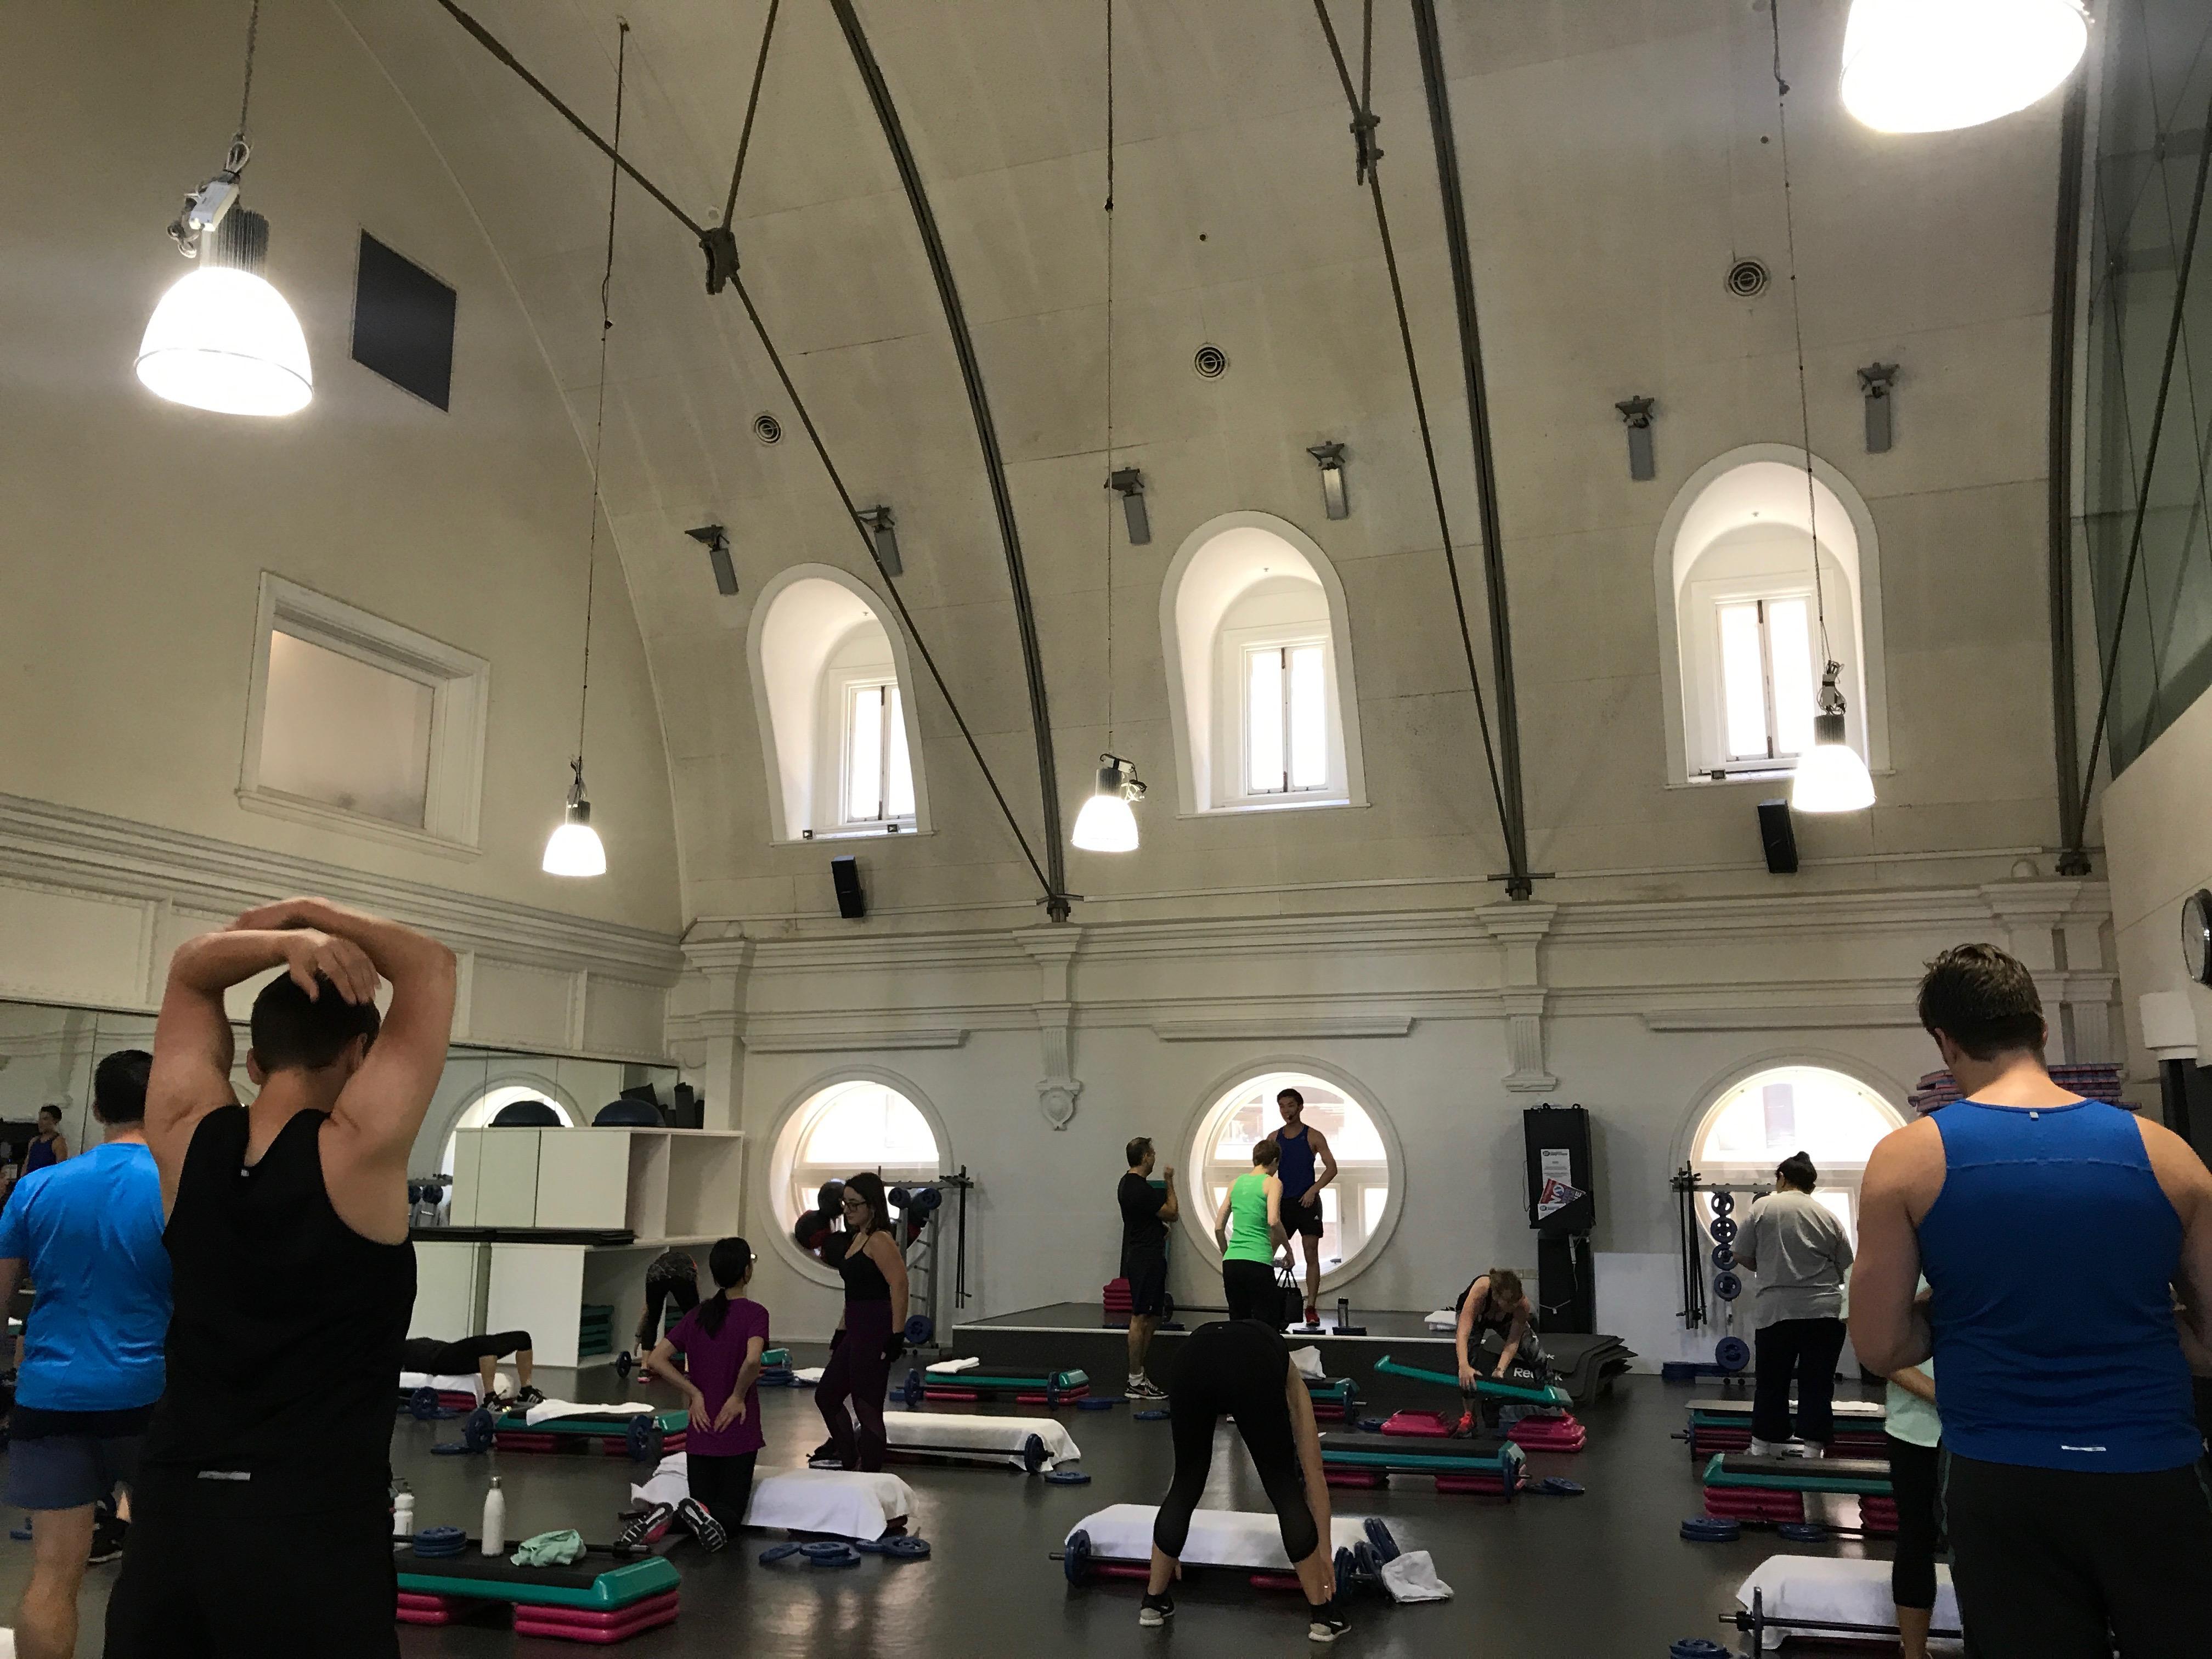 sydney gyms